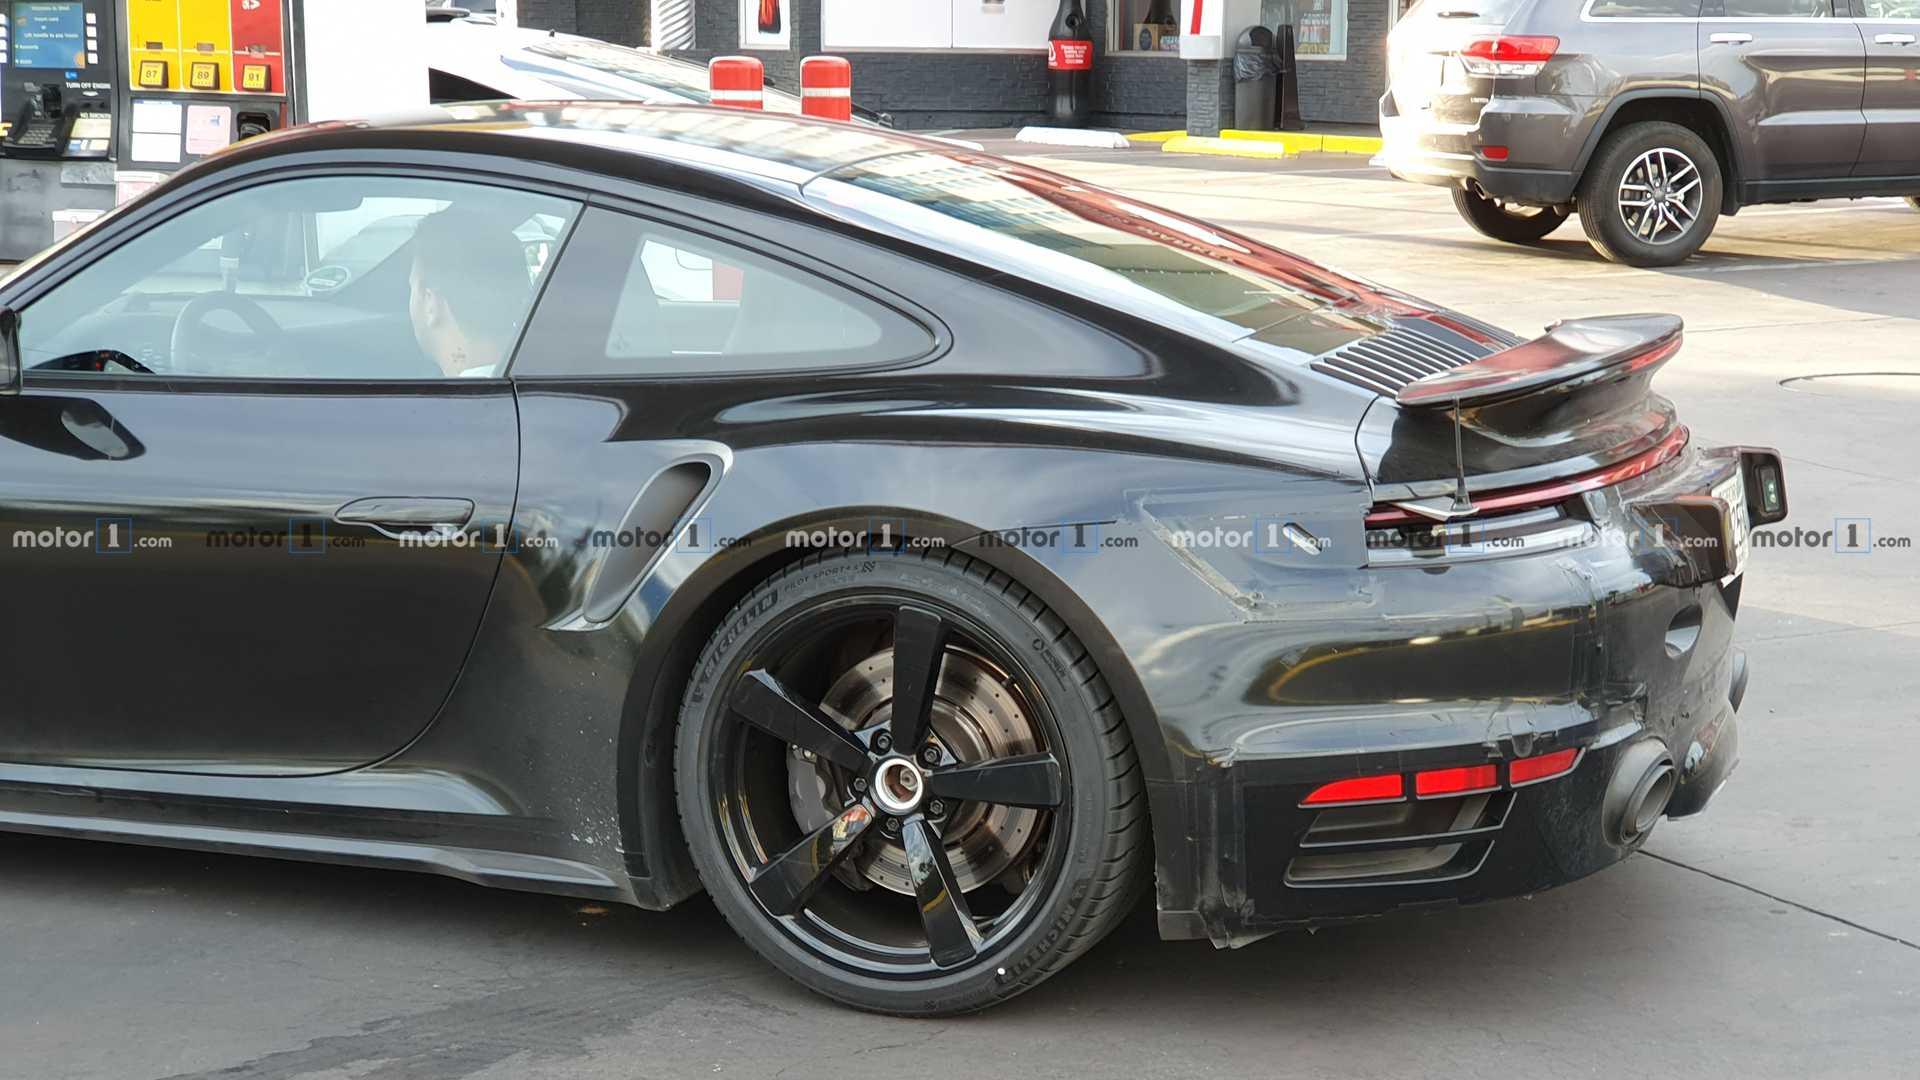 porsche-911-turbo-le-foto-spia-2.jpg